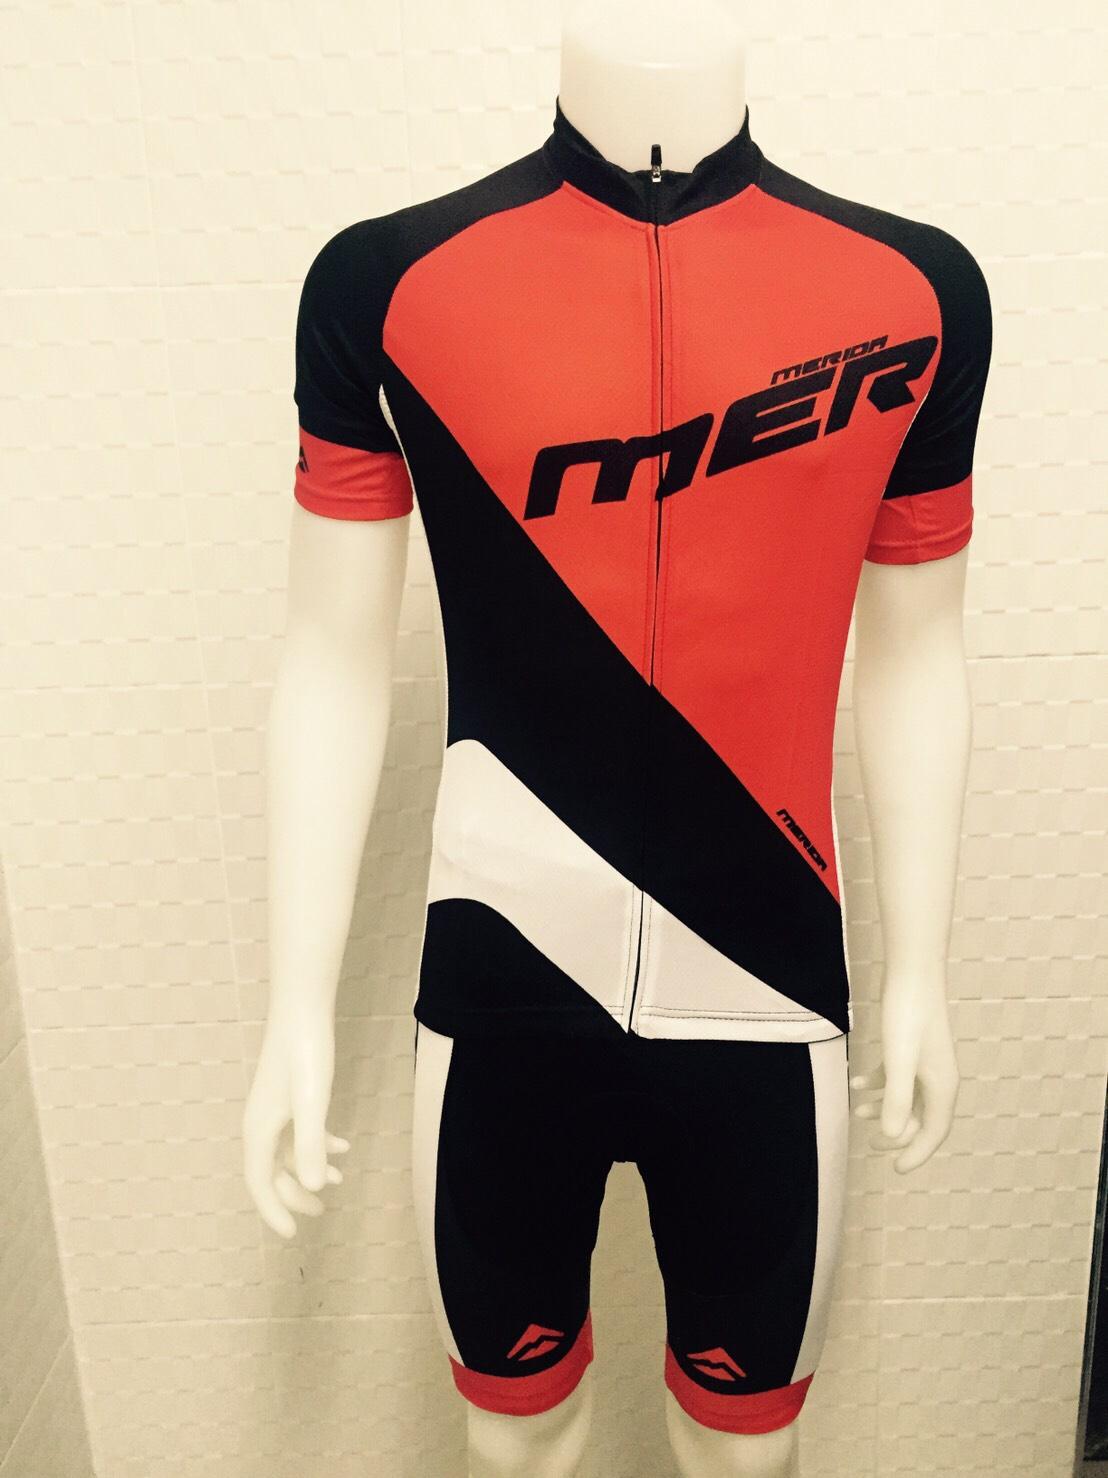 ชุดปั่นจักรยานแขนสั้น MERIDA สีดำแดง เป้าเจล 5D (แอดไลน์ @pinpinbike ใส่ @ ข้างหน้าด้วยนะคะ)